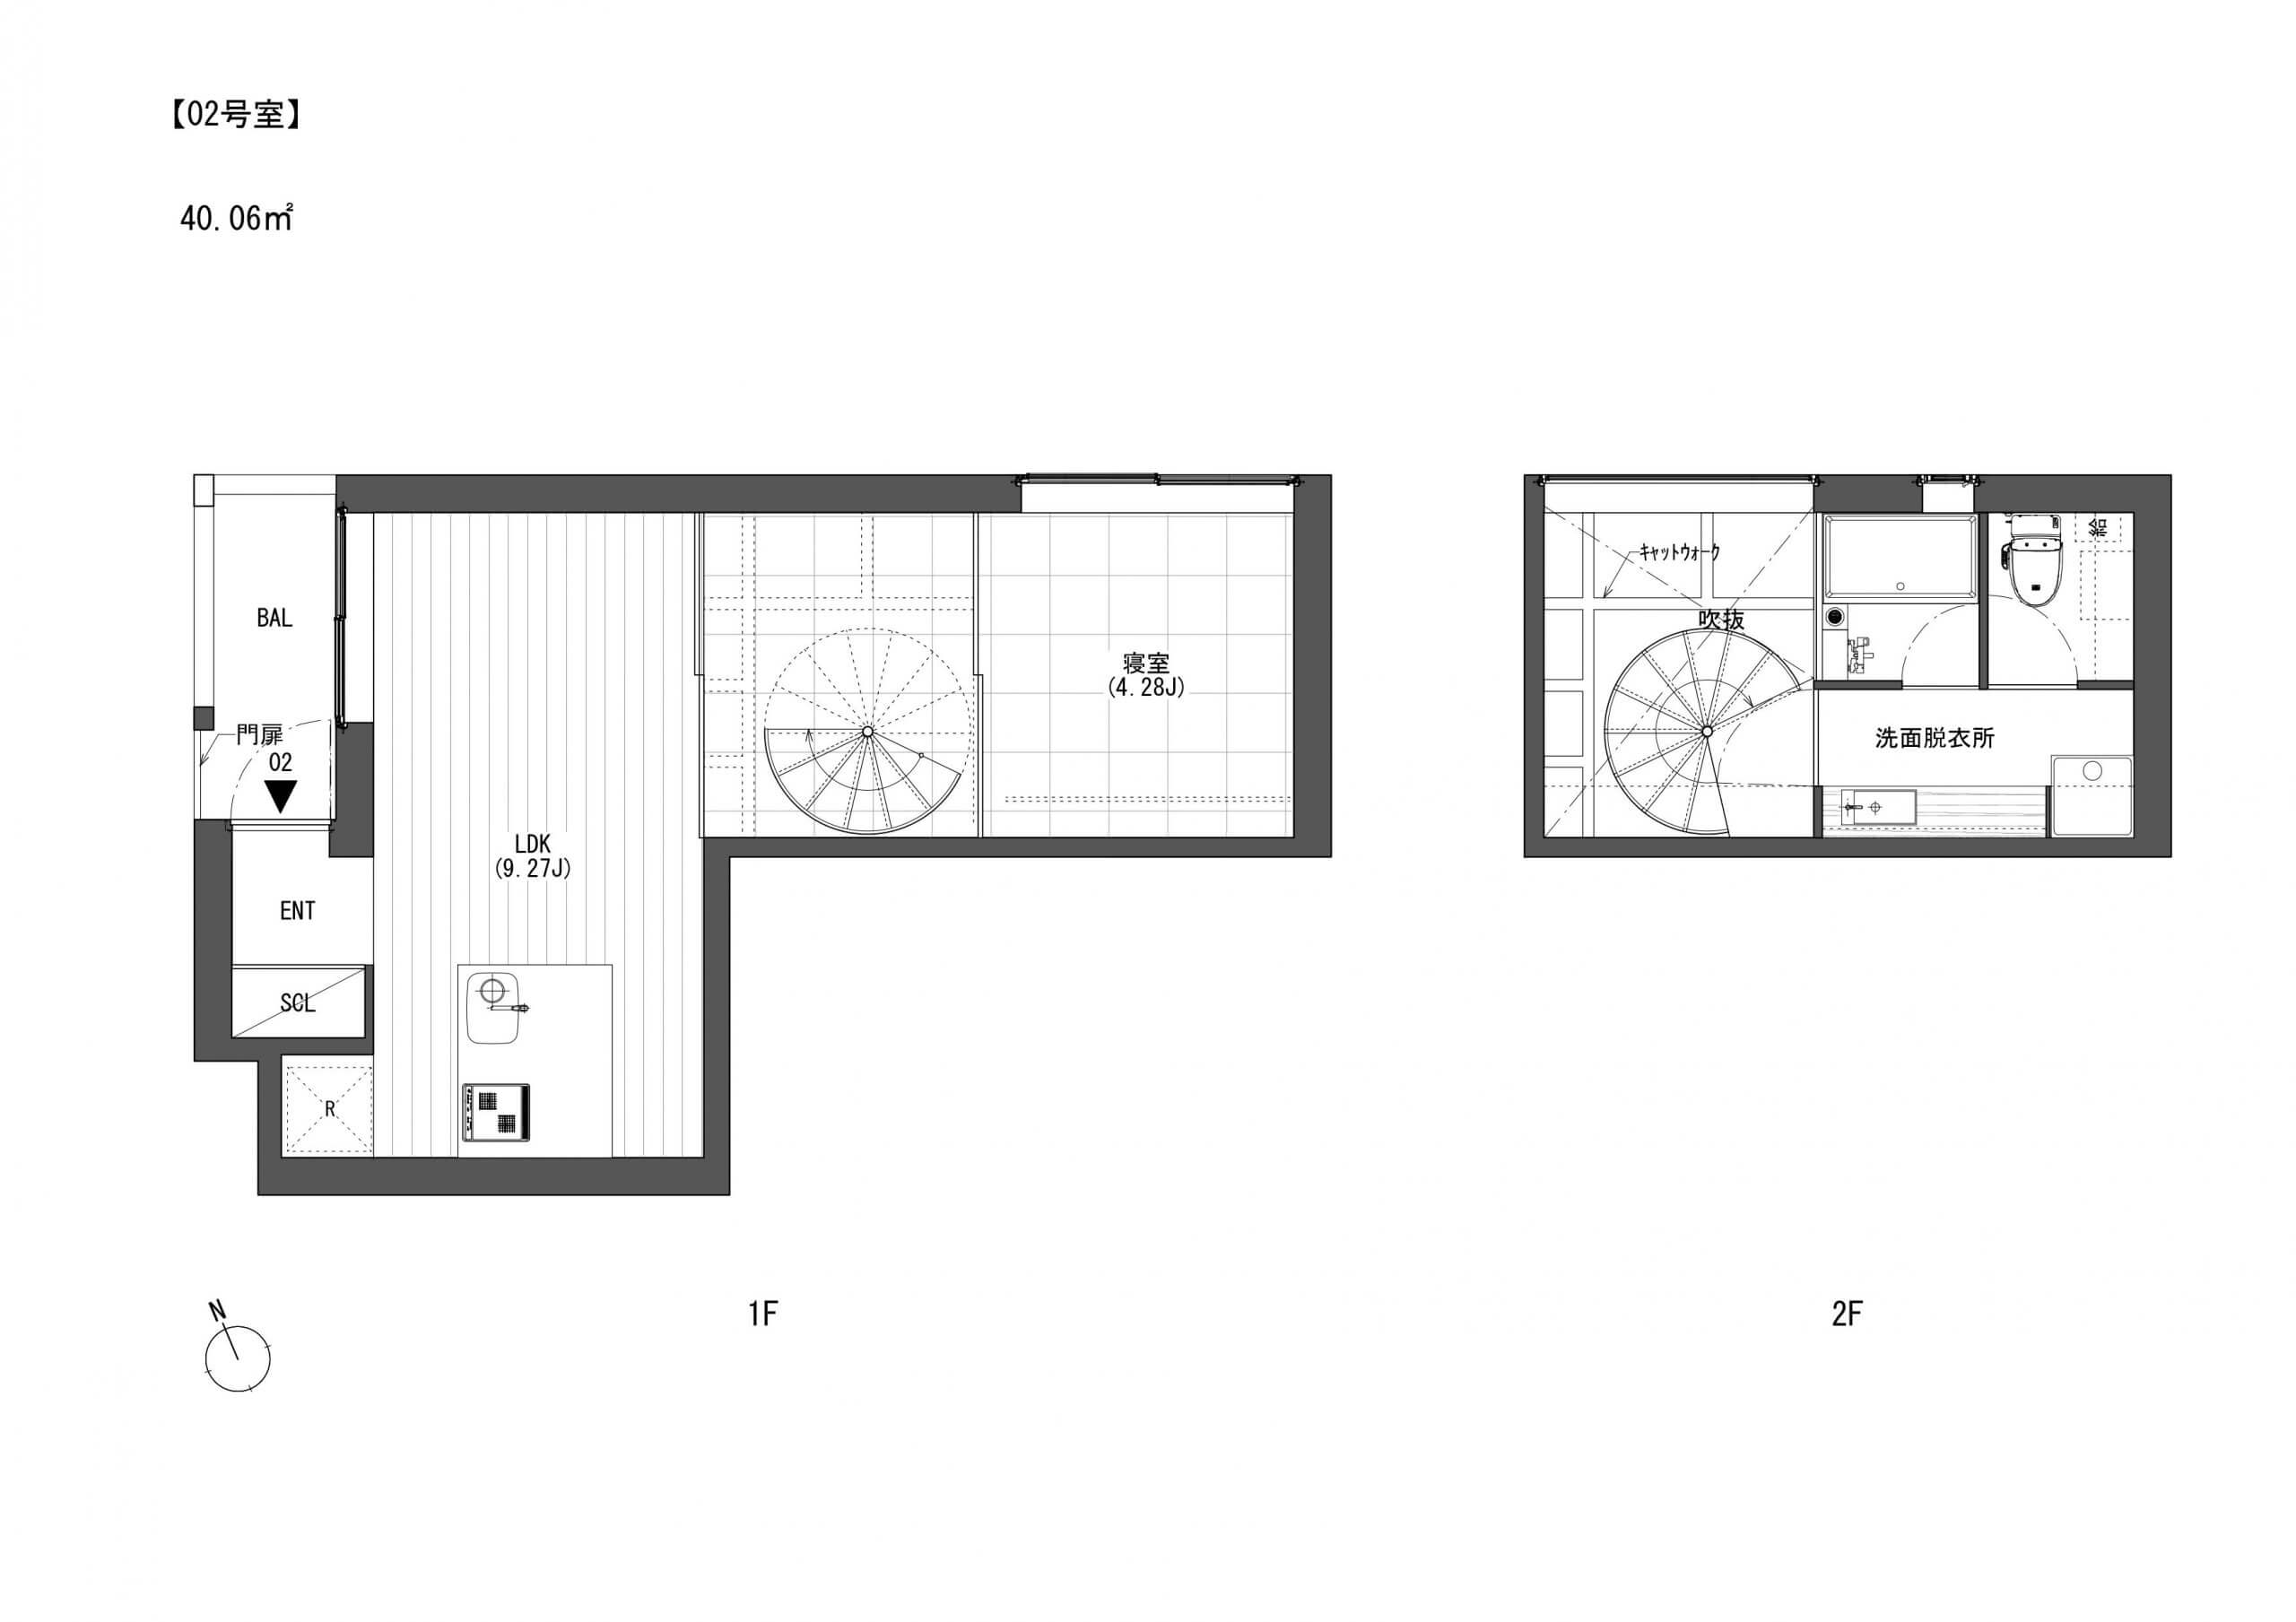 こちらは2号室 賃料165000円・共益費10000円です。玄関入ってリビングダイニングの向こうにガラスごしに螺旋階段とキャットステップが見えます。とにかく!おしゃれがすぎます・・・。上階はバスルームです。